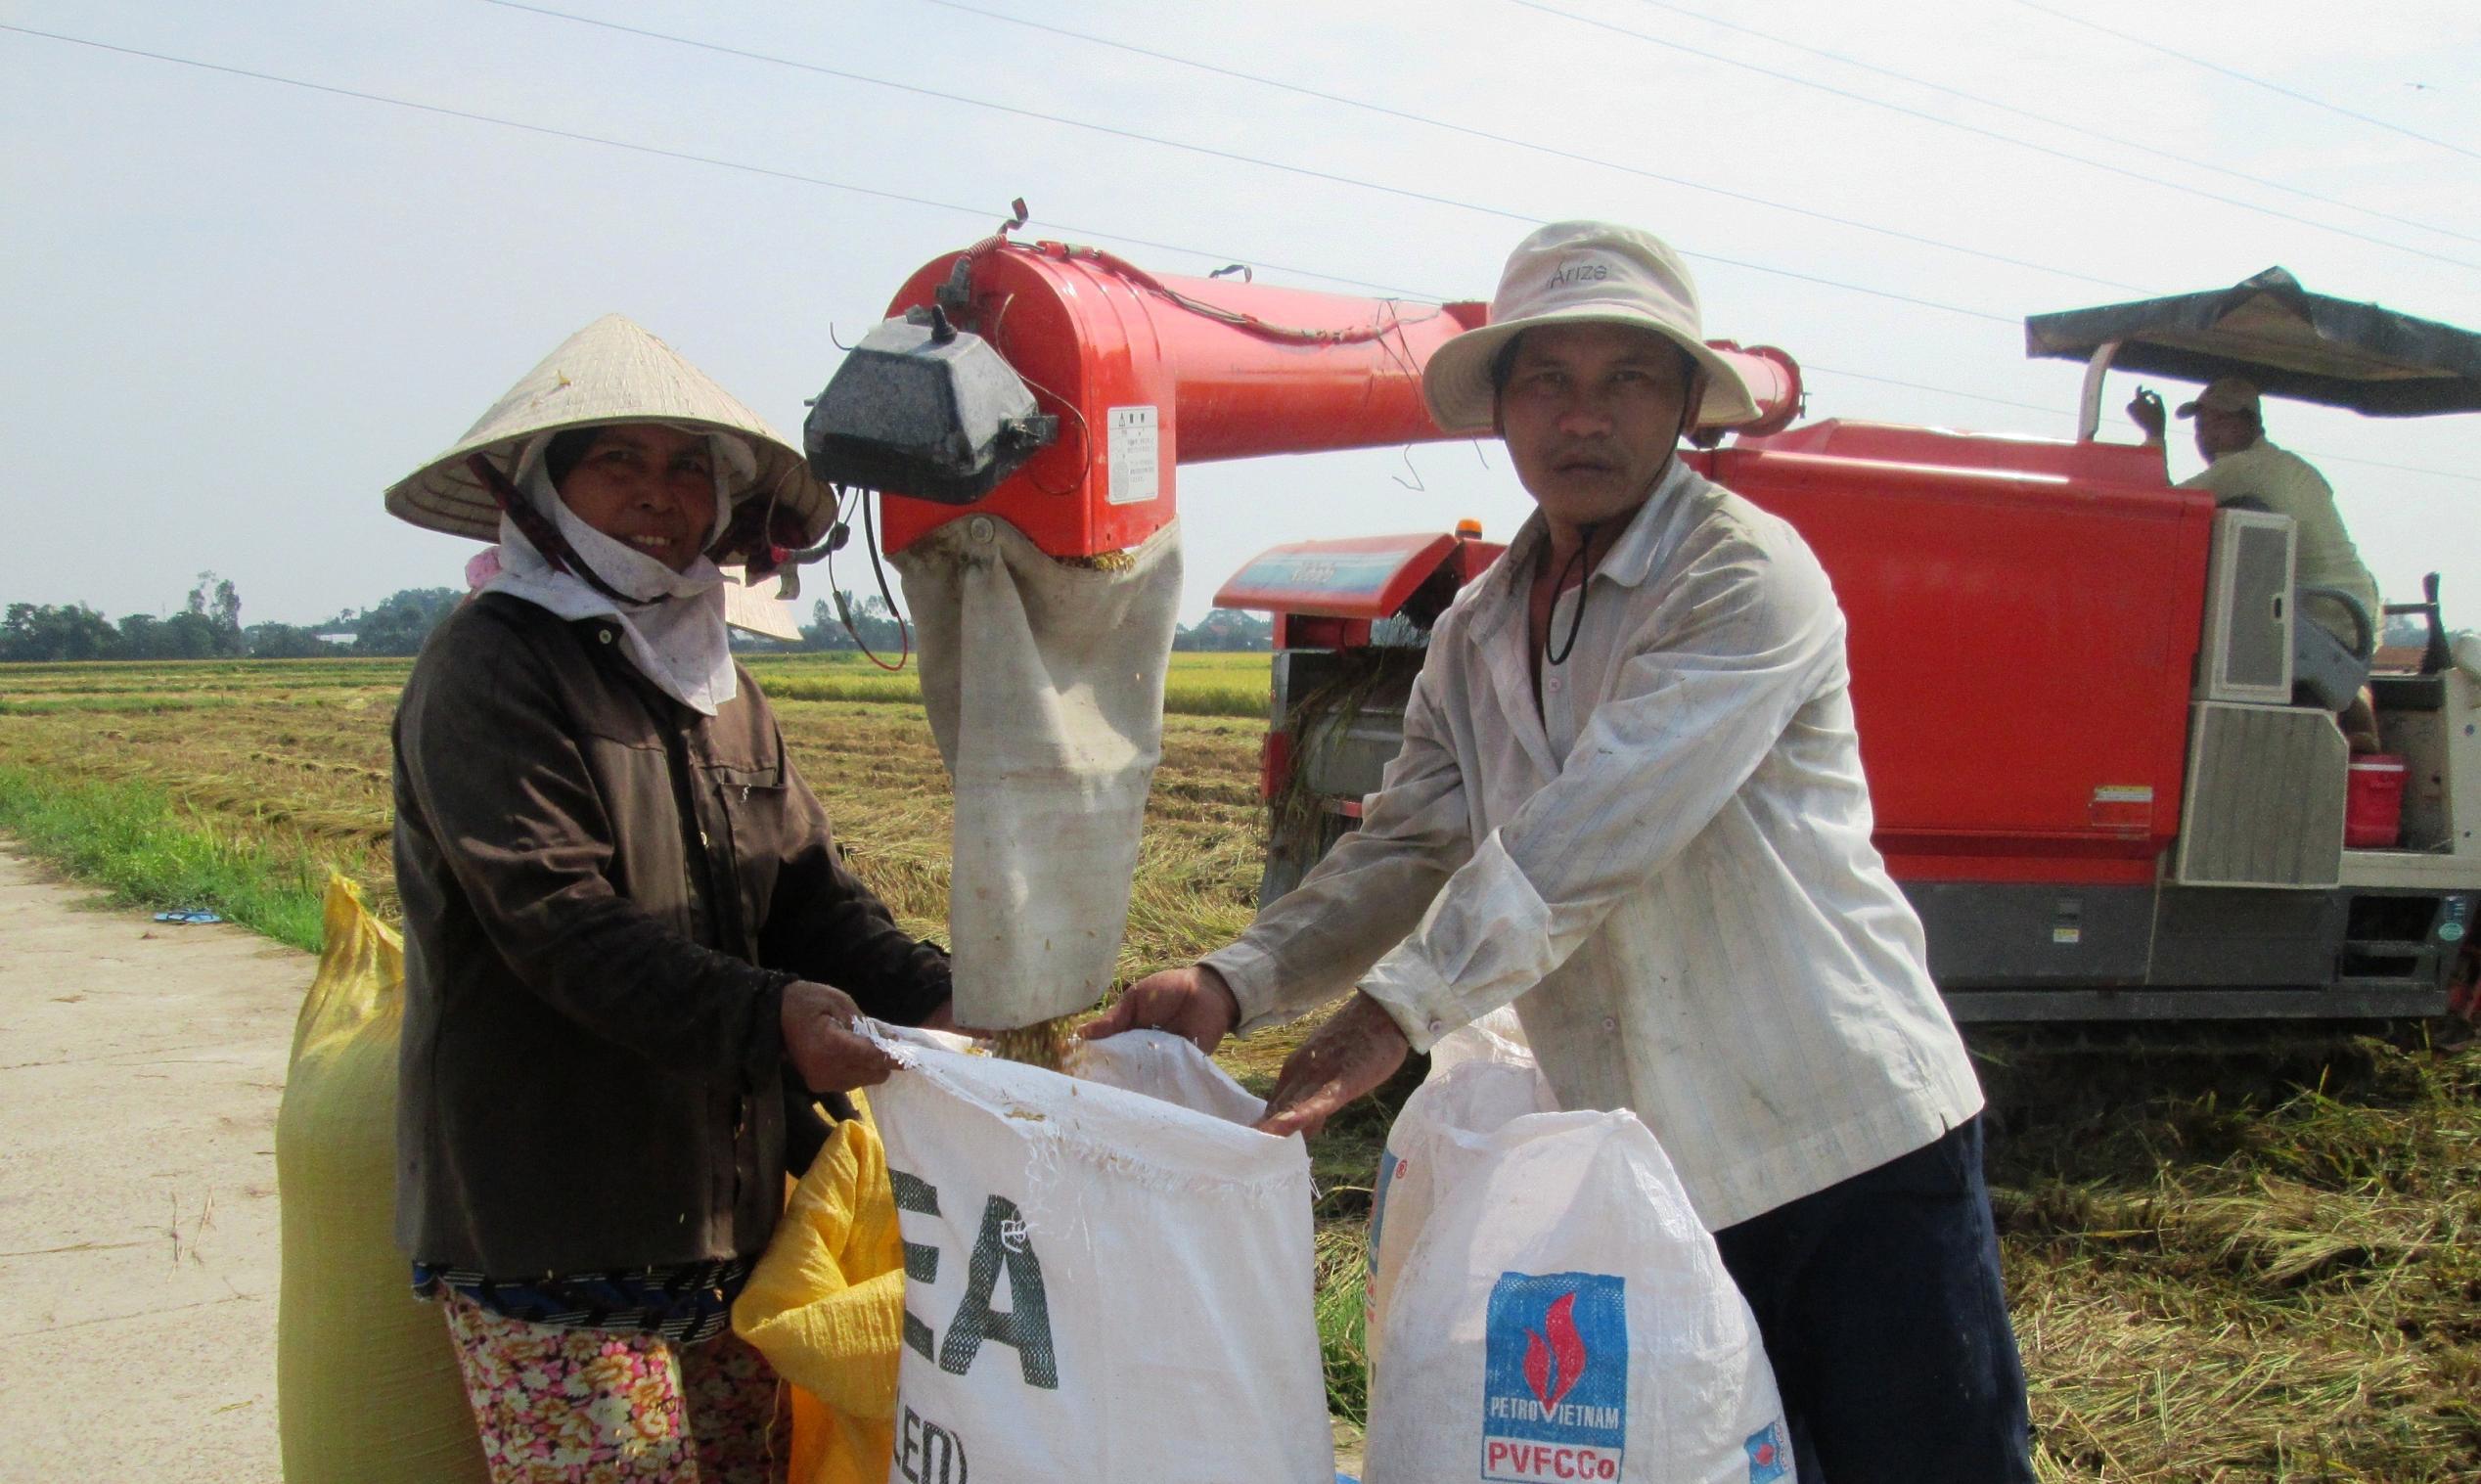 Năm 2018, tổng sản lượng lúa của tỉnh đạt 462,2 nghìn tấn, tăng 1 nghìn tấn so với năm 2017. Ảnh: VĂN SỰ